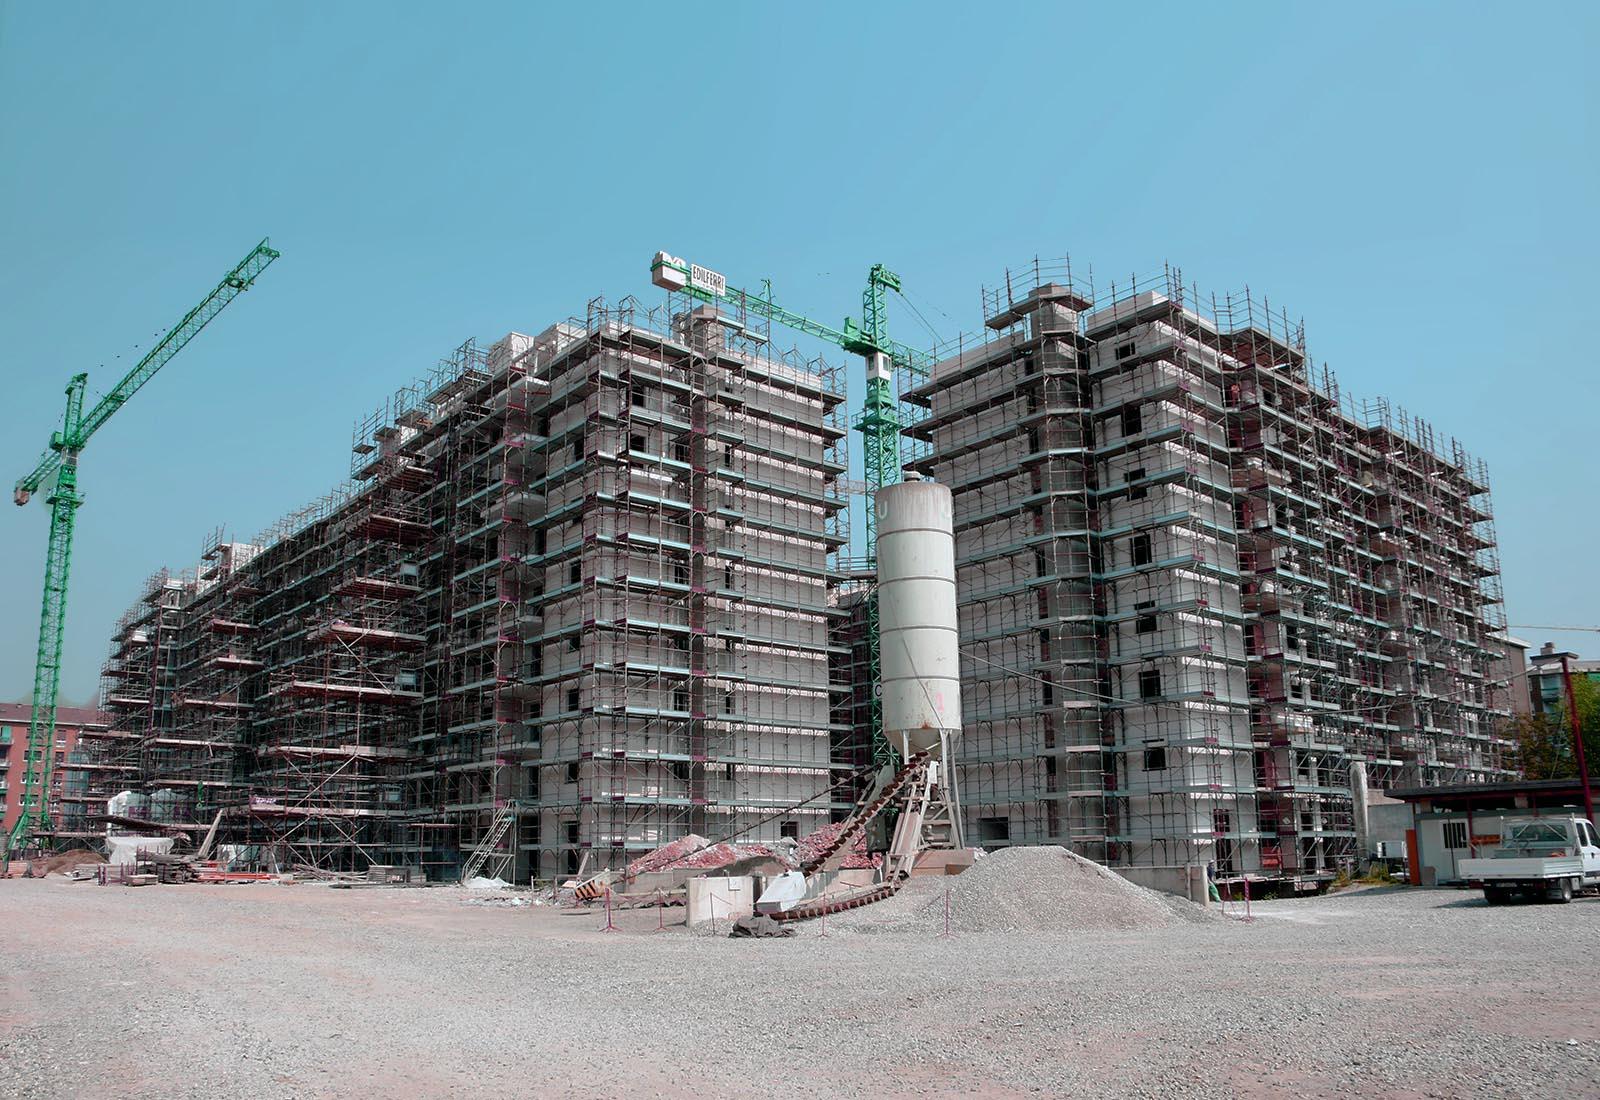 Villaggio cooperativo Grazioli - Il cantiere